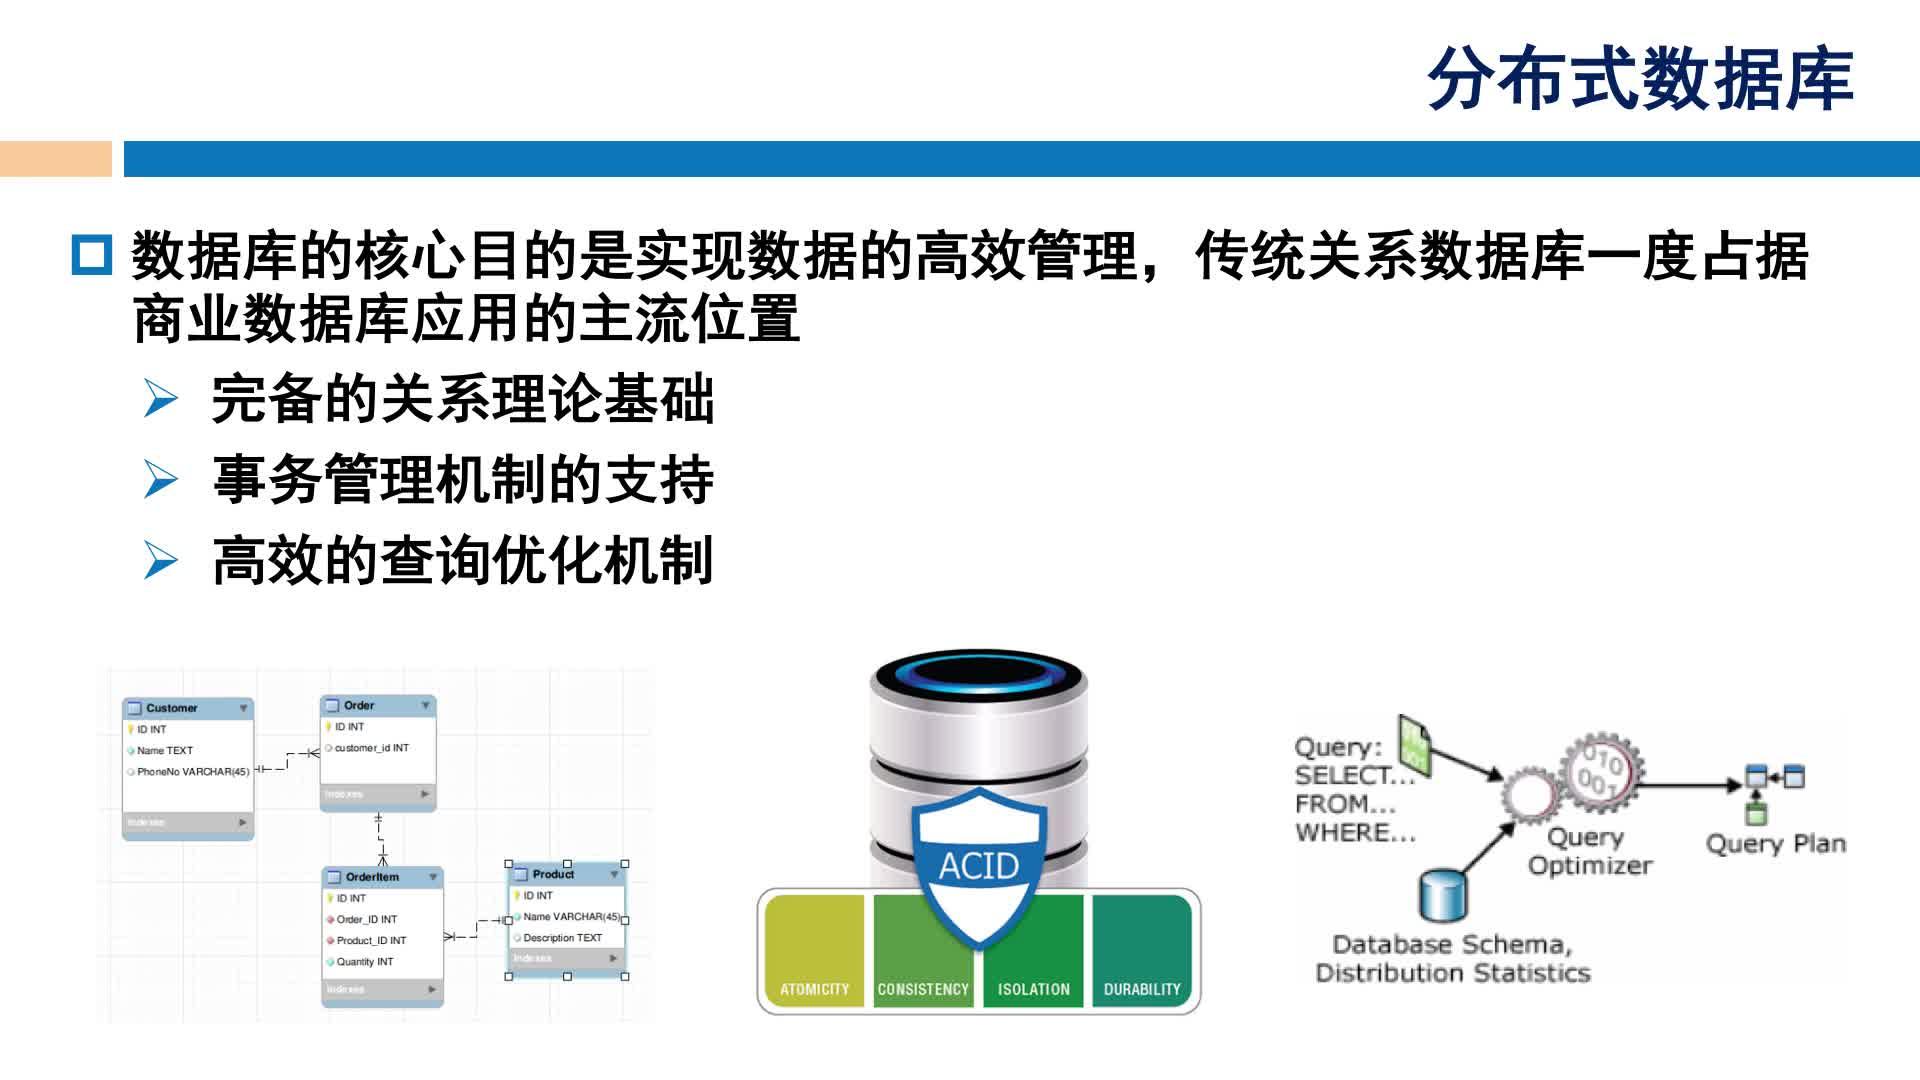 北京理工大学慕课——张美慧:大数据存储与管理(二)